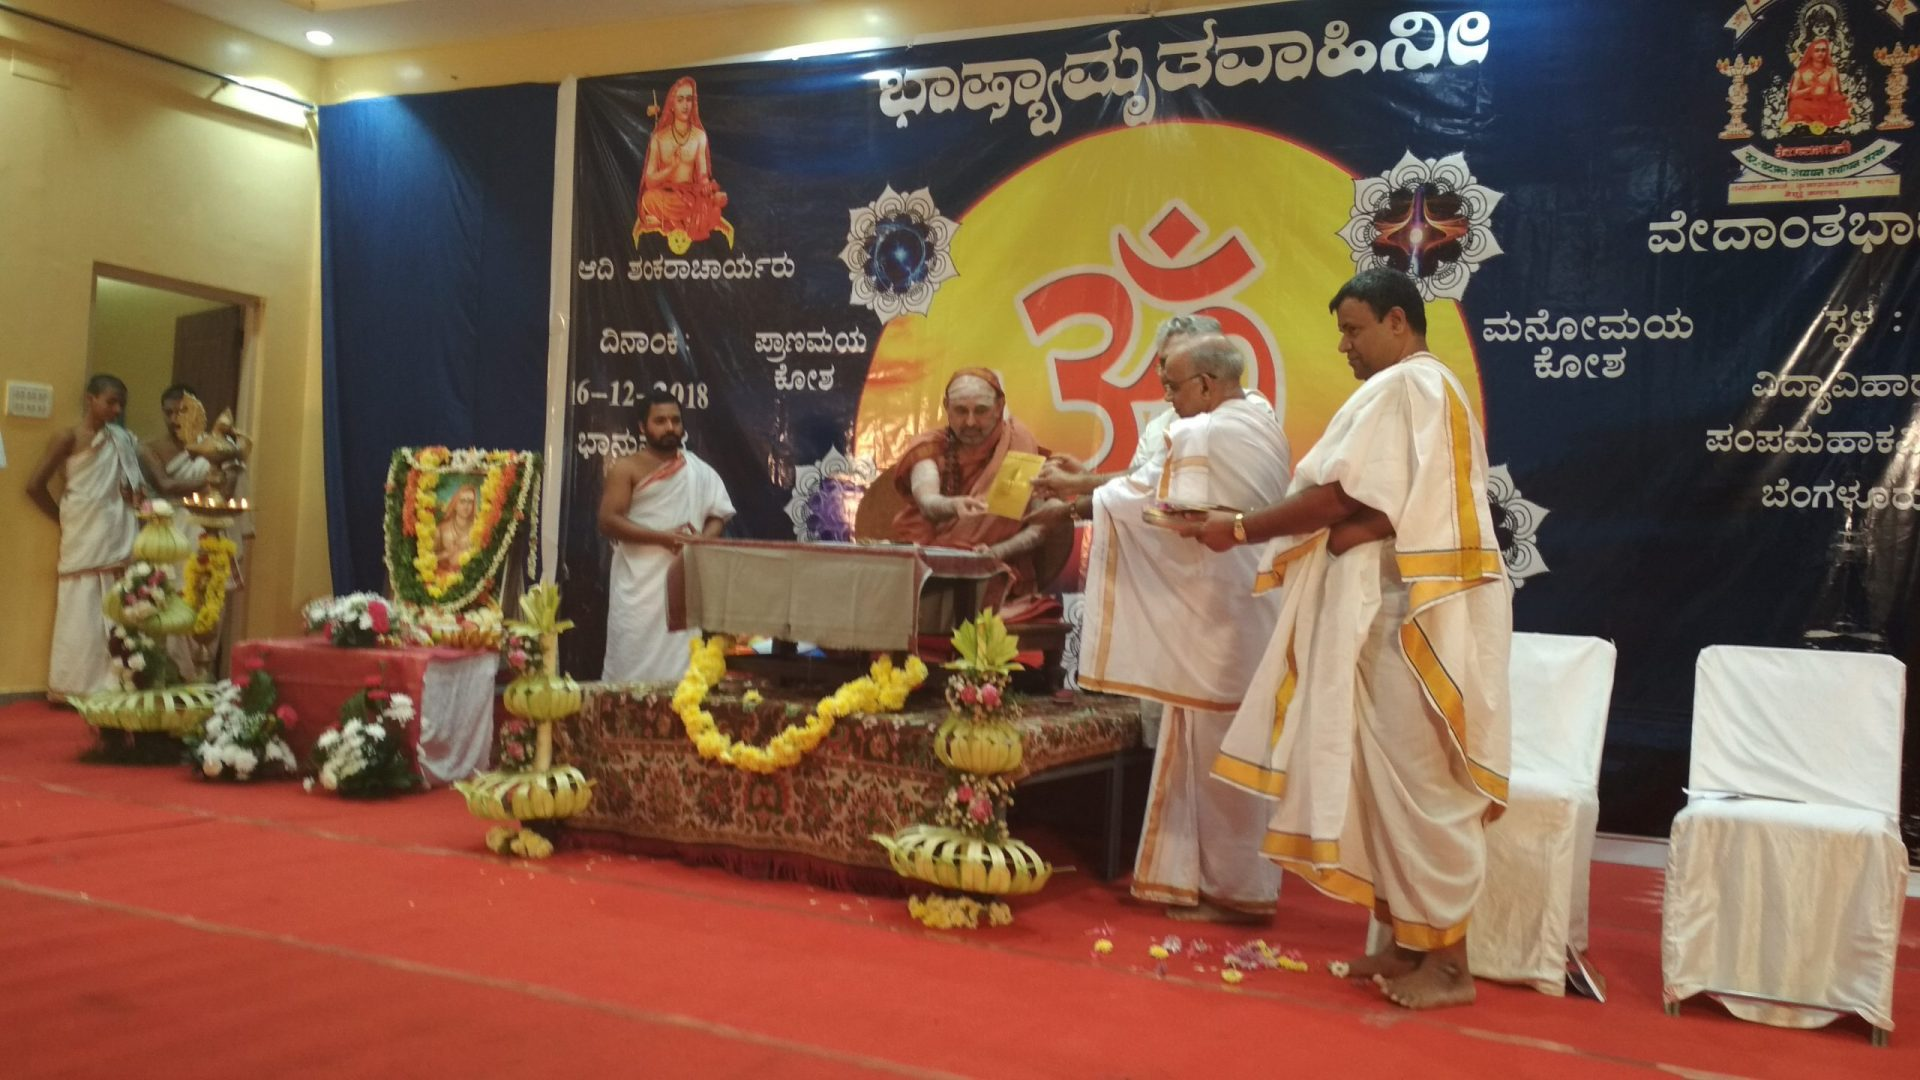 Bhaashyaamrita Vaahinee